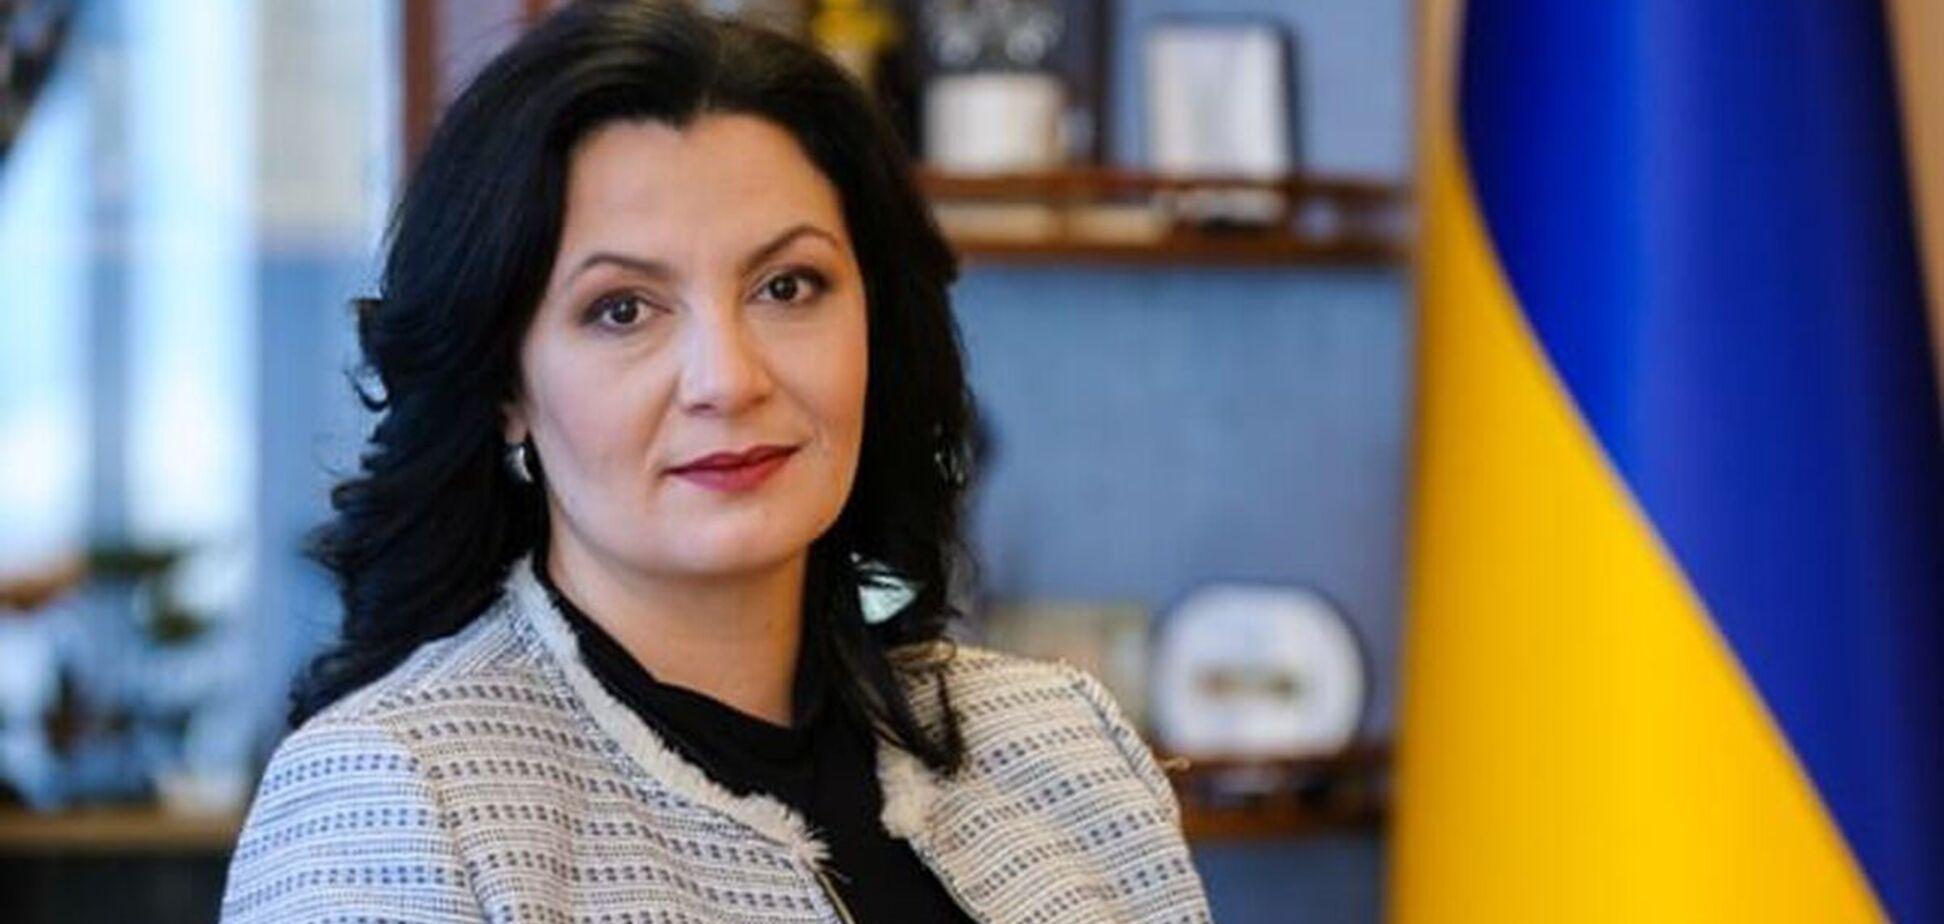 'Європейська Солідарність' стала членом міжнародної спільноти, яка підтримує Україну